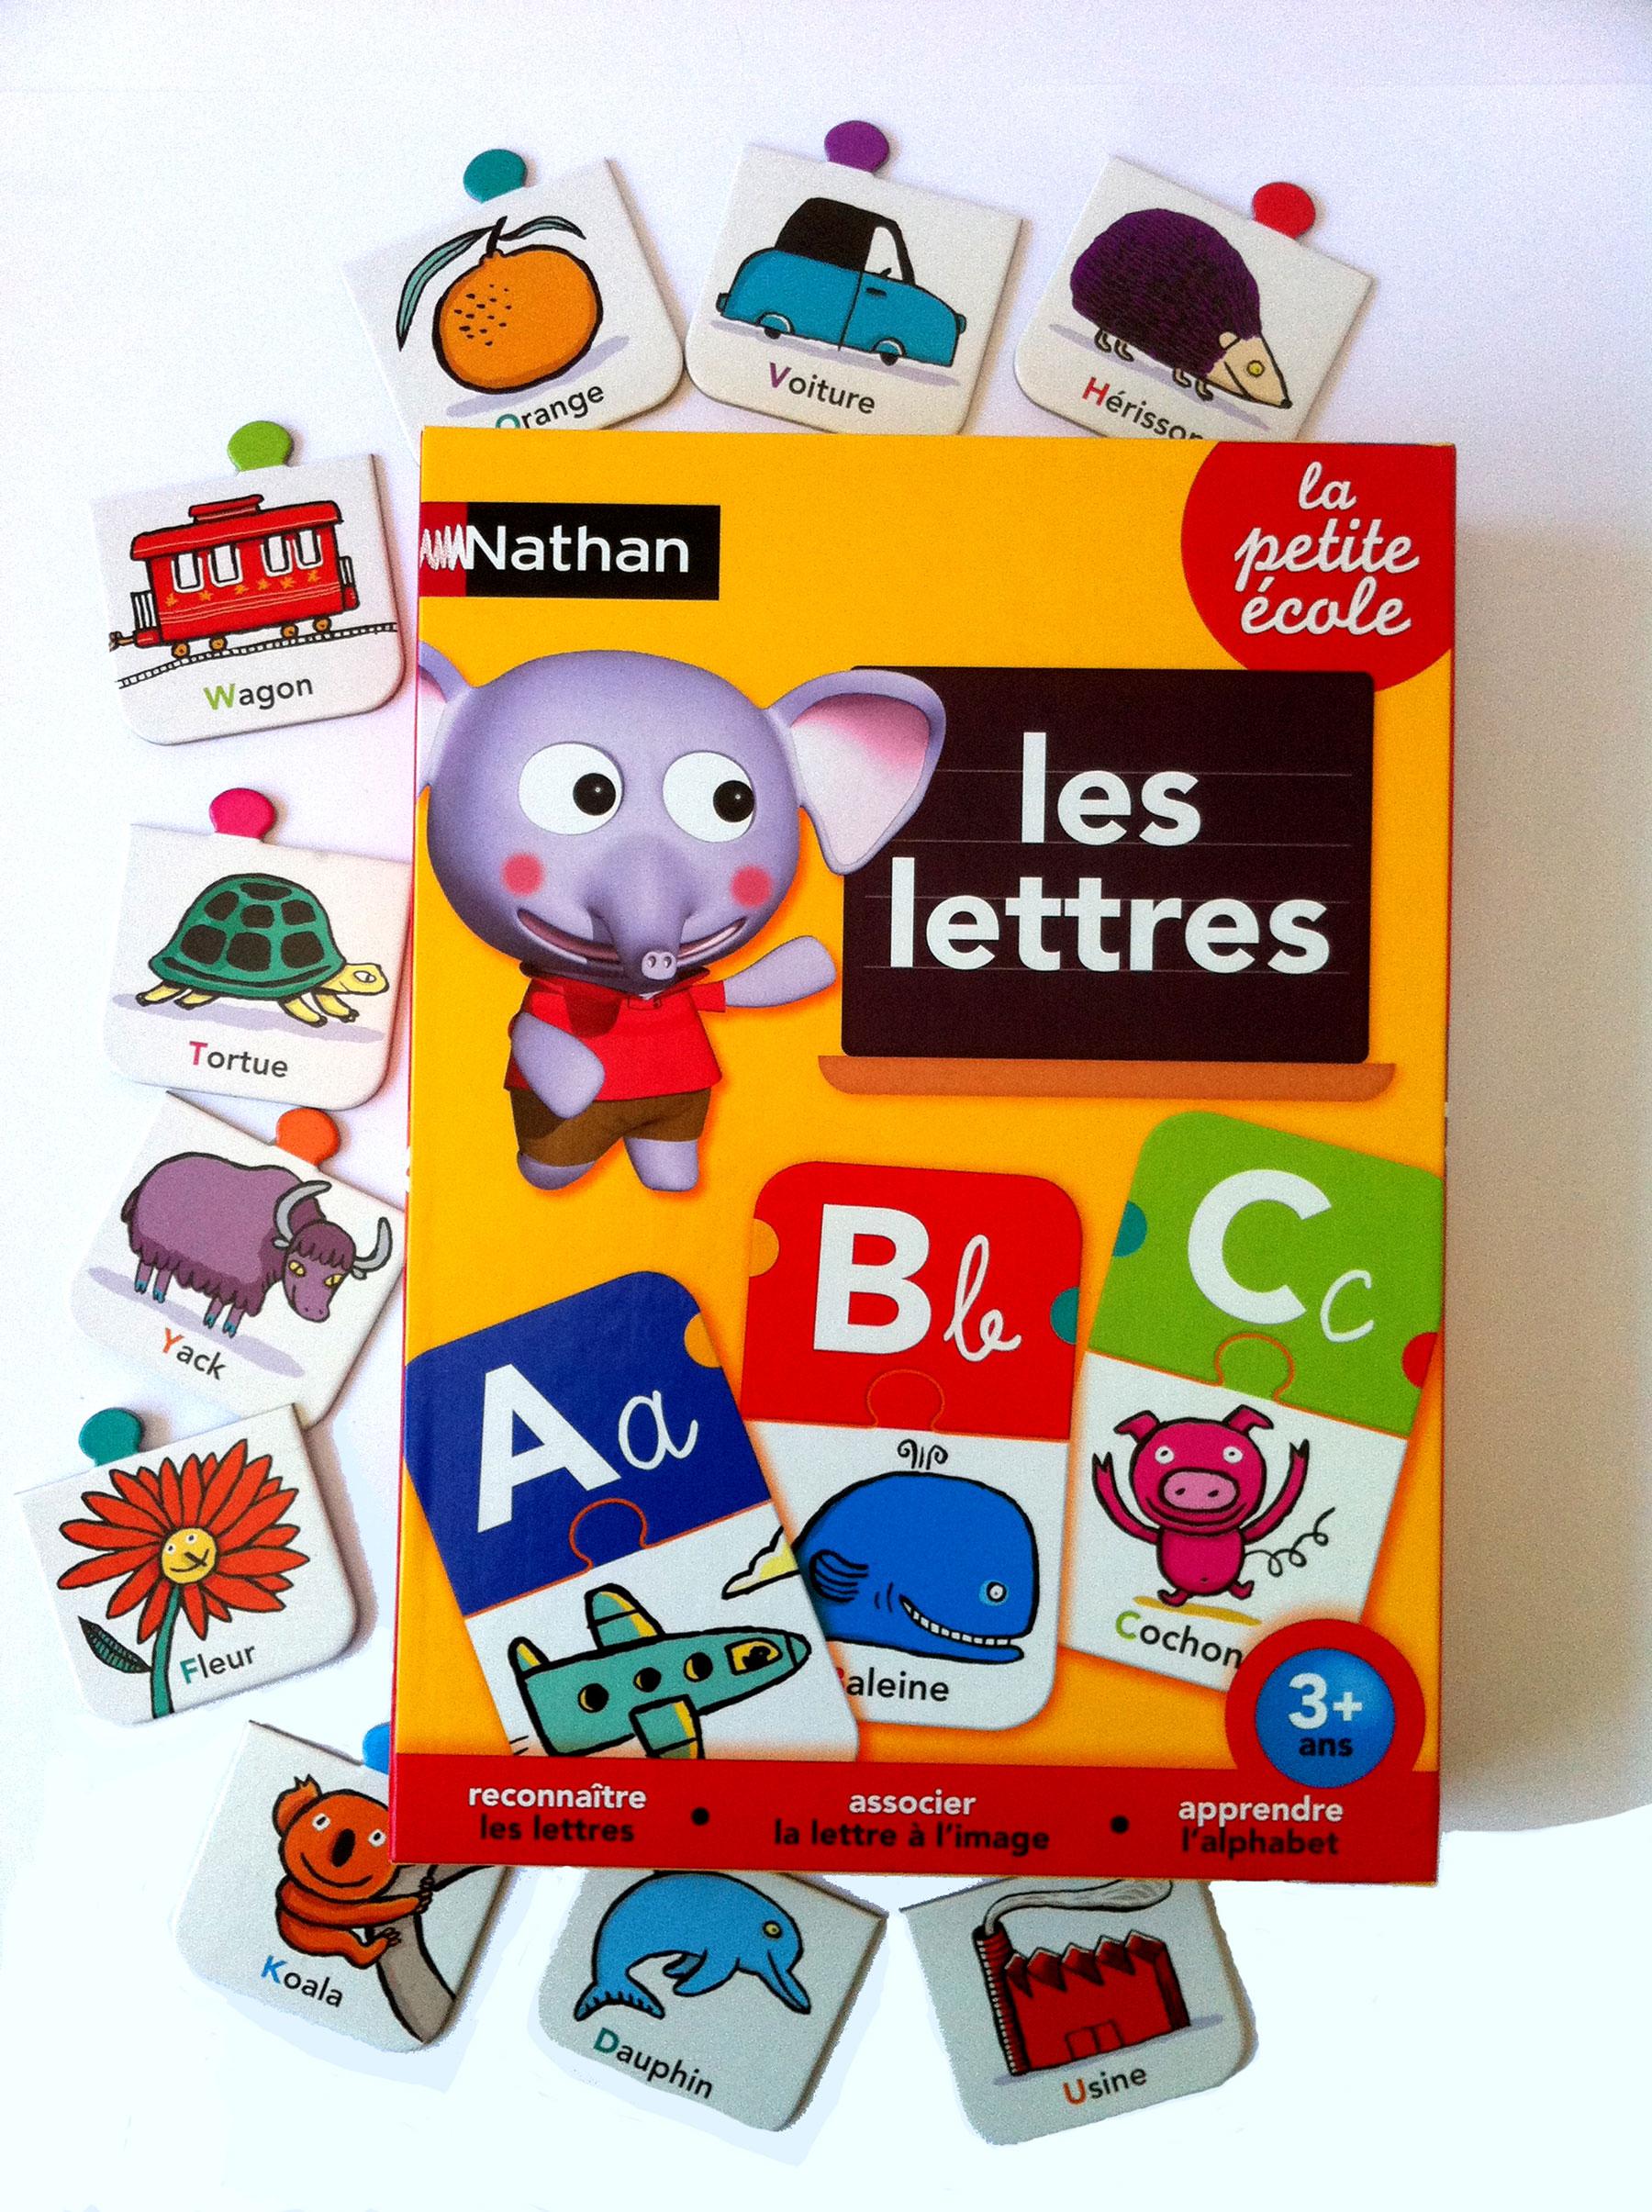 """Illustrations par Nathalie Dieterlé du jeux pédagogique """"Les lettres"""" crée par Nathan Jeux"""